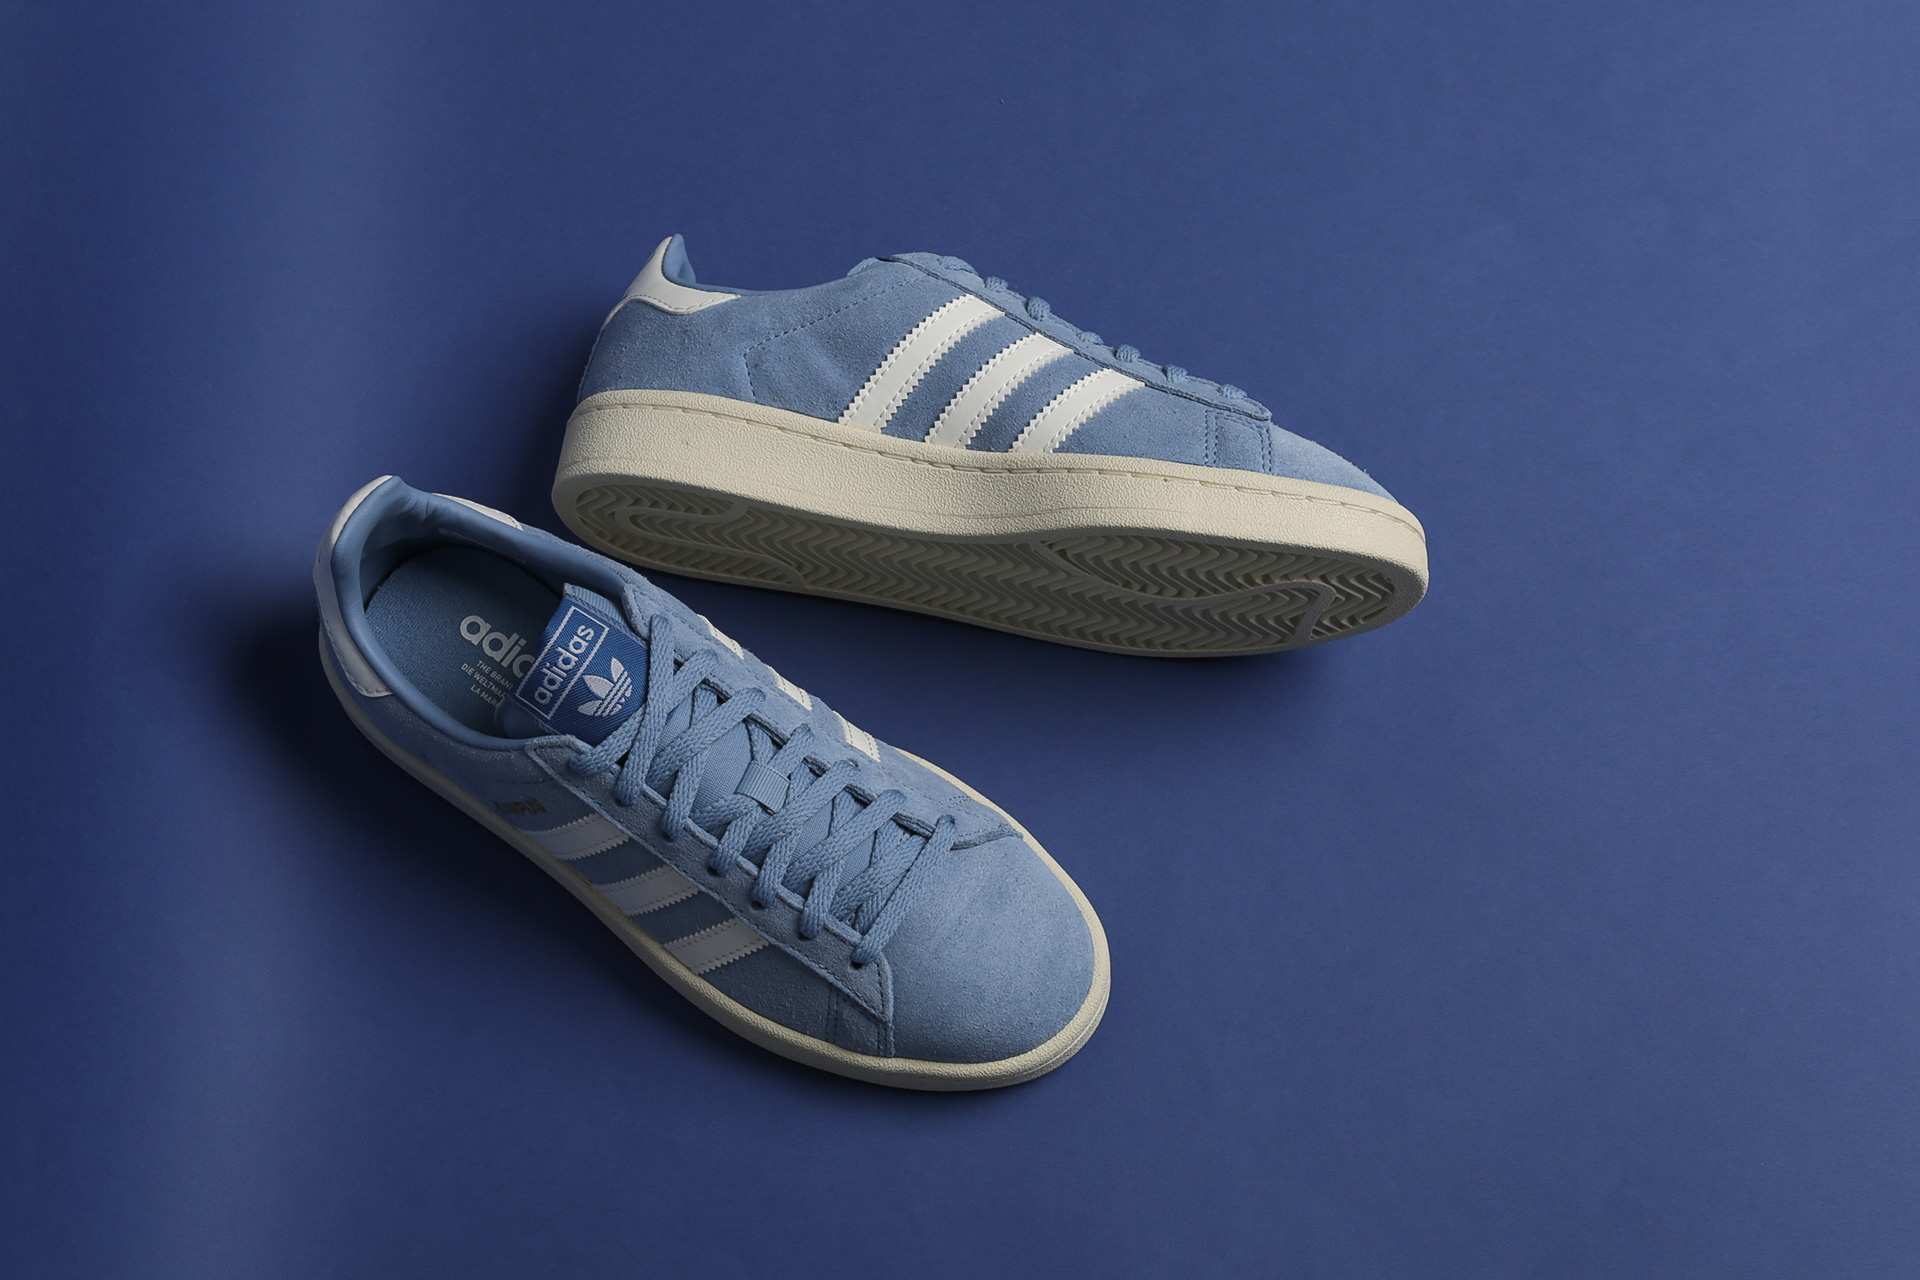 9a3bd4e2bb51ea ... Купить женские голубые кроссовки adidas Originals Campus W - фото 4  картинки ...